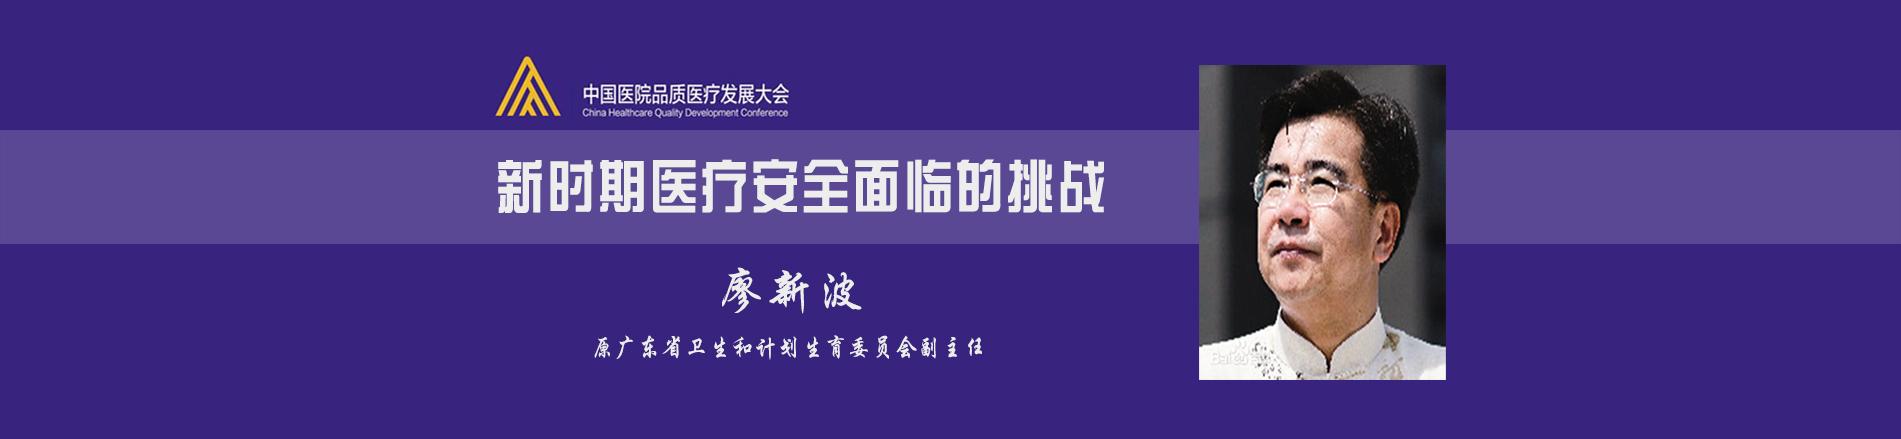 廖新波-新时期医疗安全面临的挑战